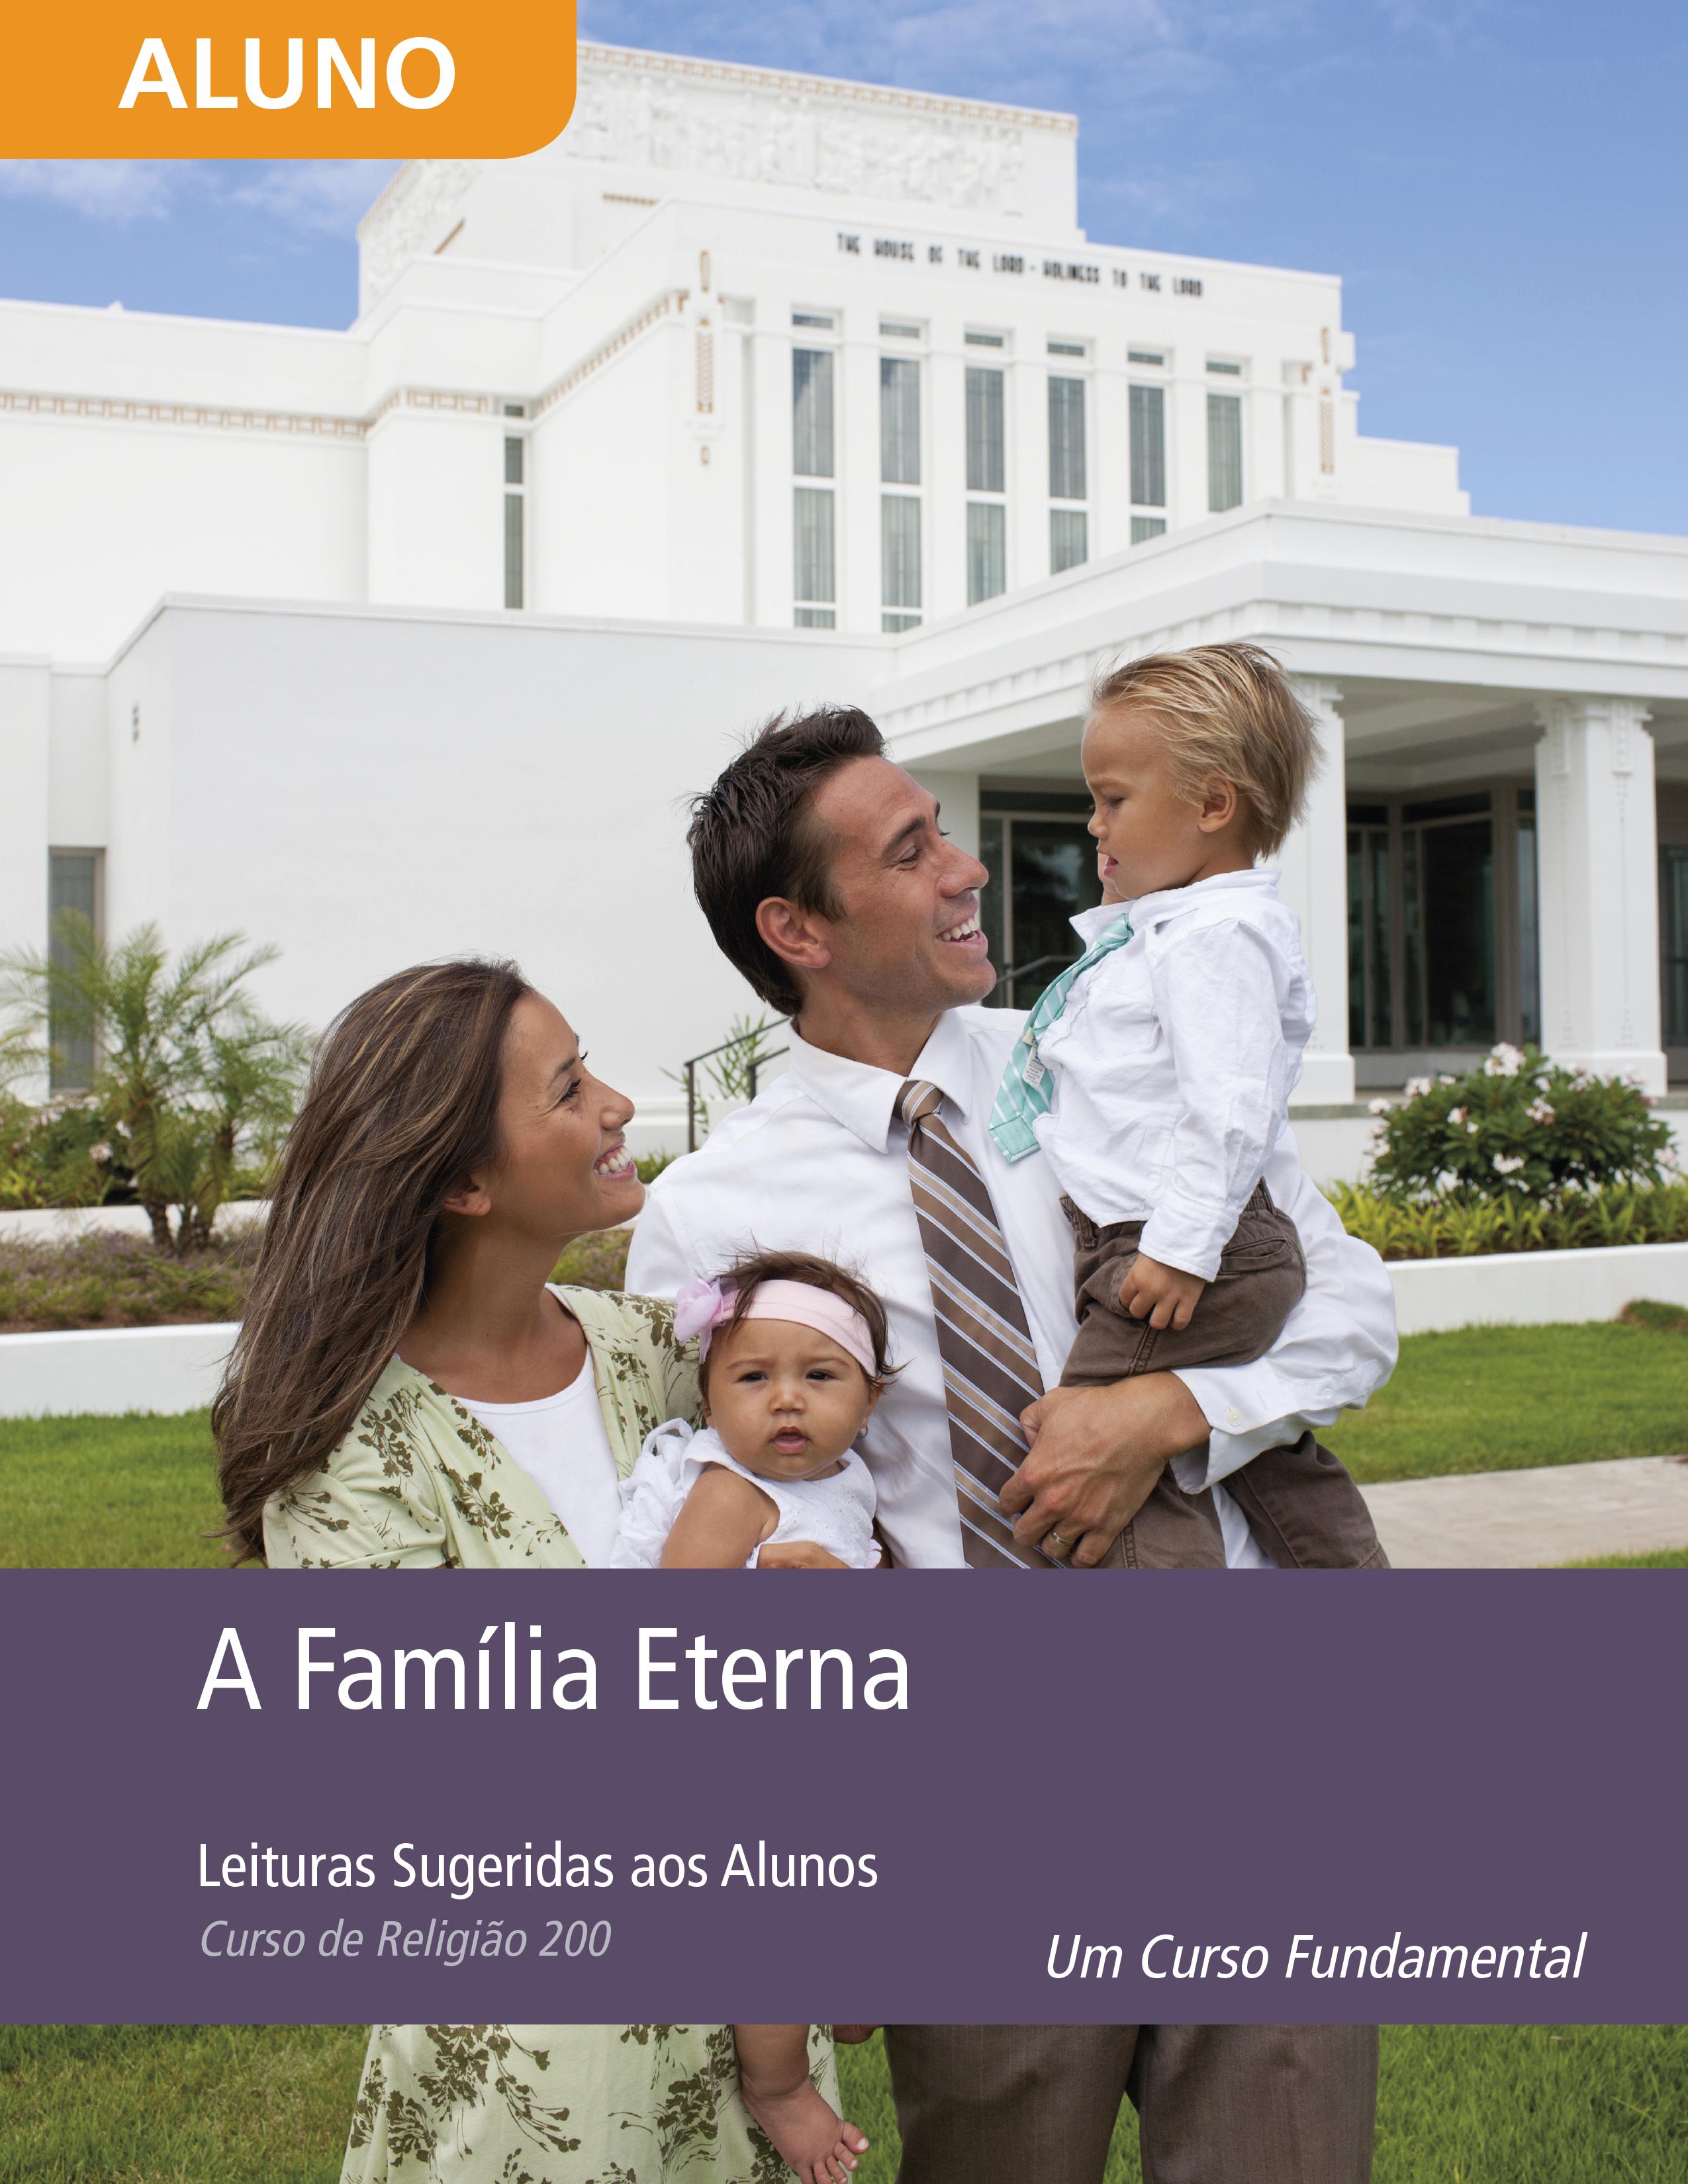 A Família Eterna: Leituras para os Alunos (Rel 200)